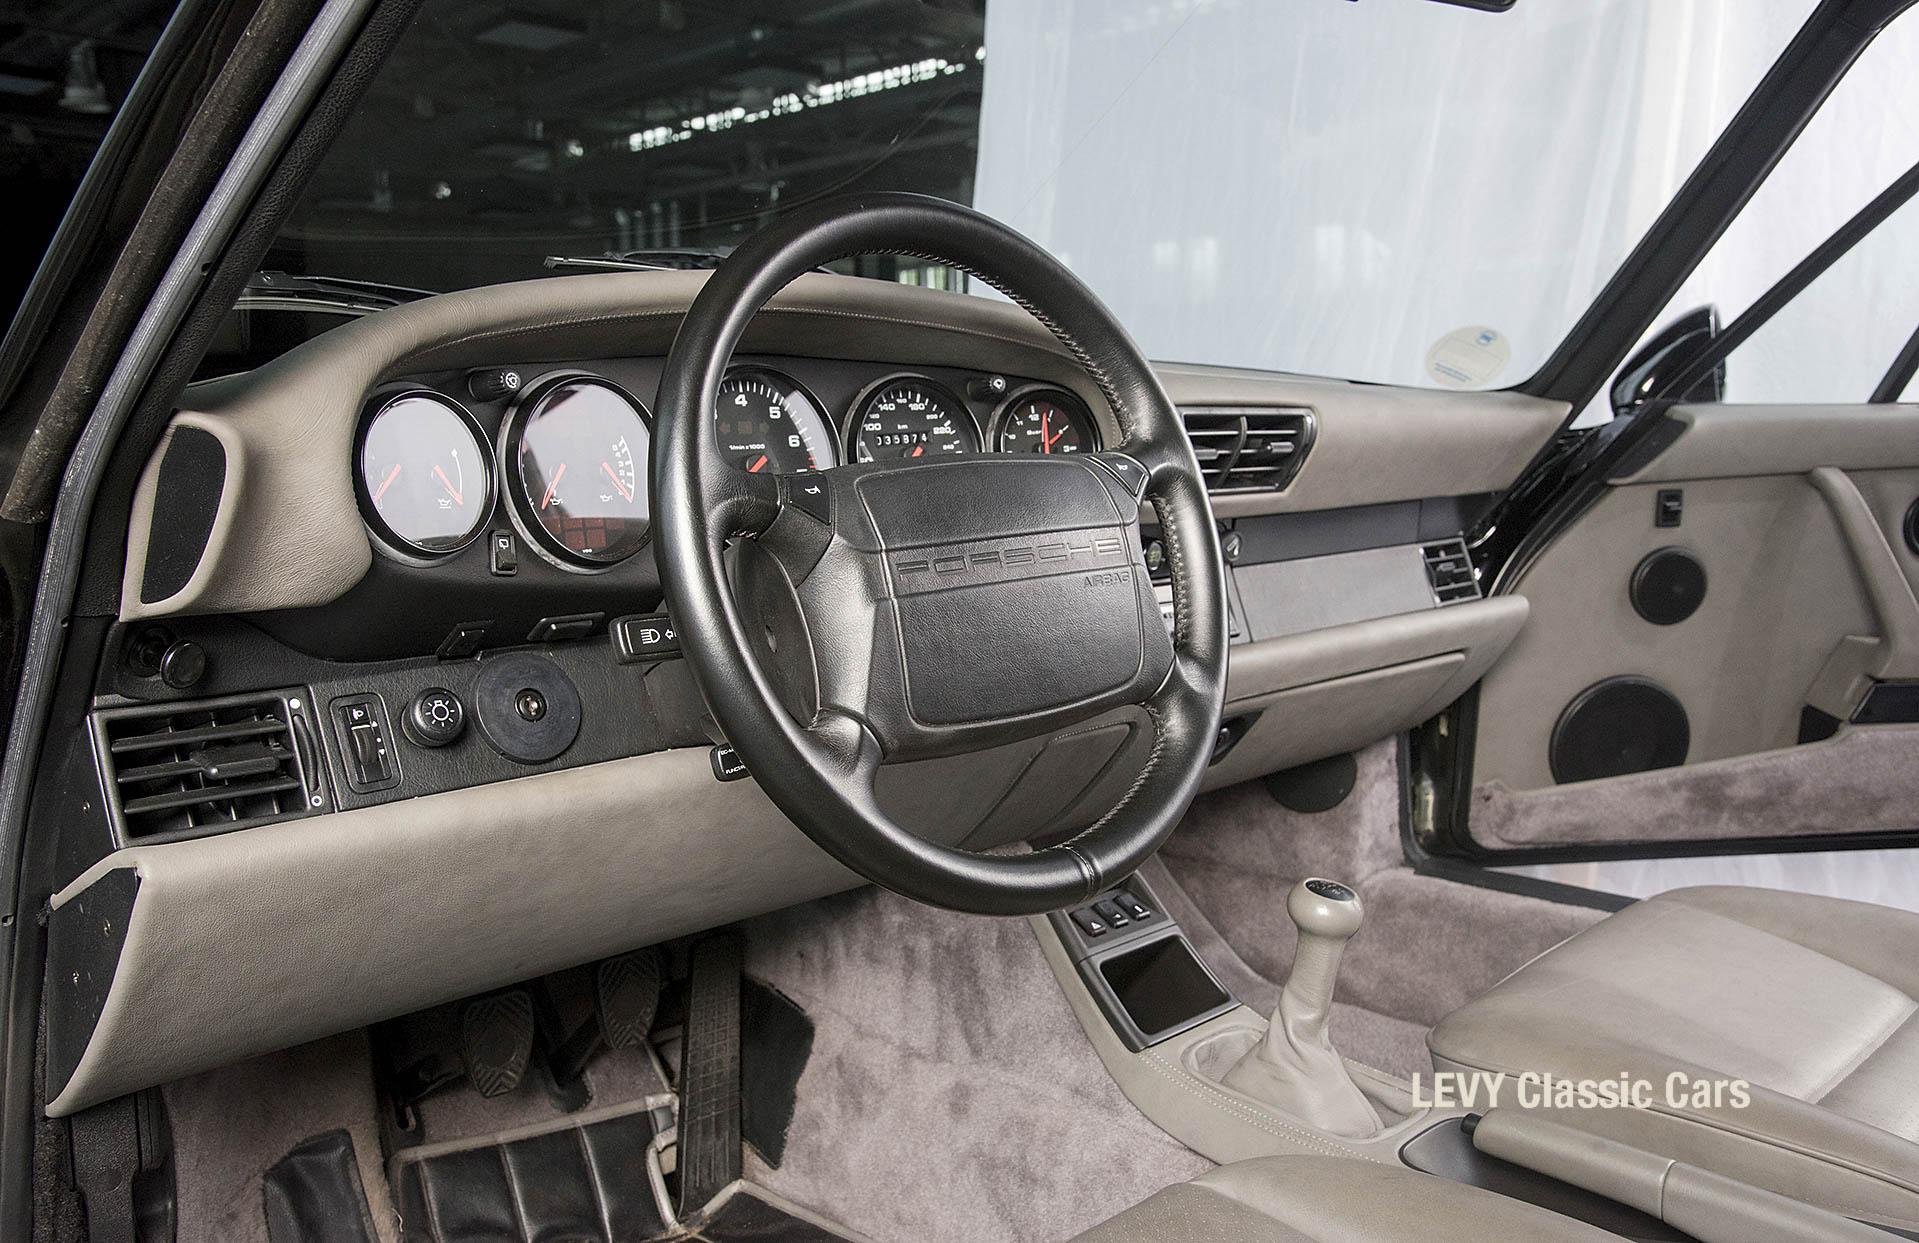 Porsche Turbo 72200 schwarz 22